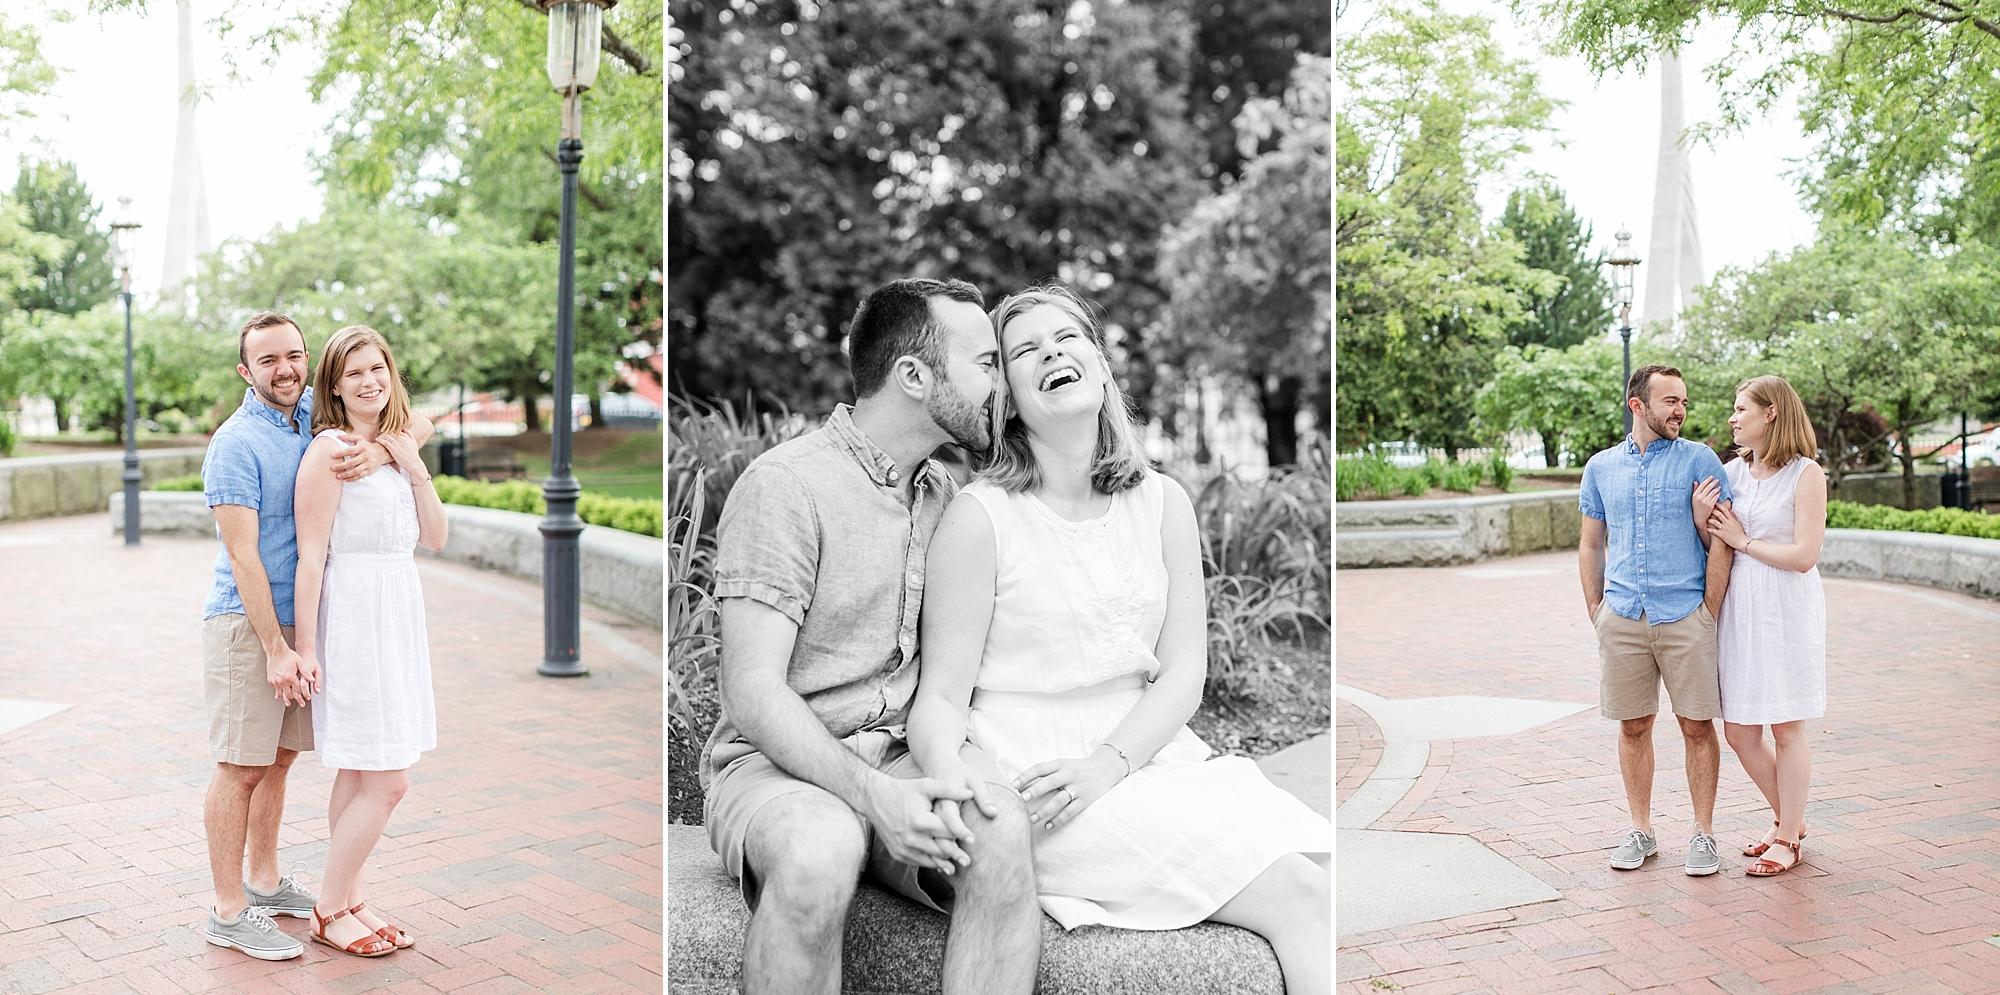 eisley-images-charlestown-boston_0003.jpg